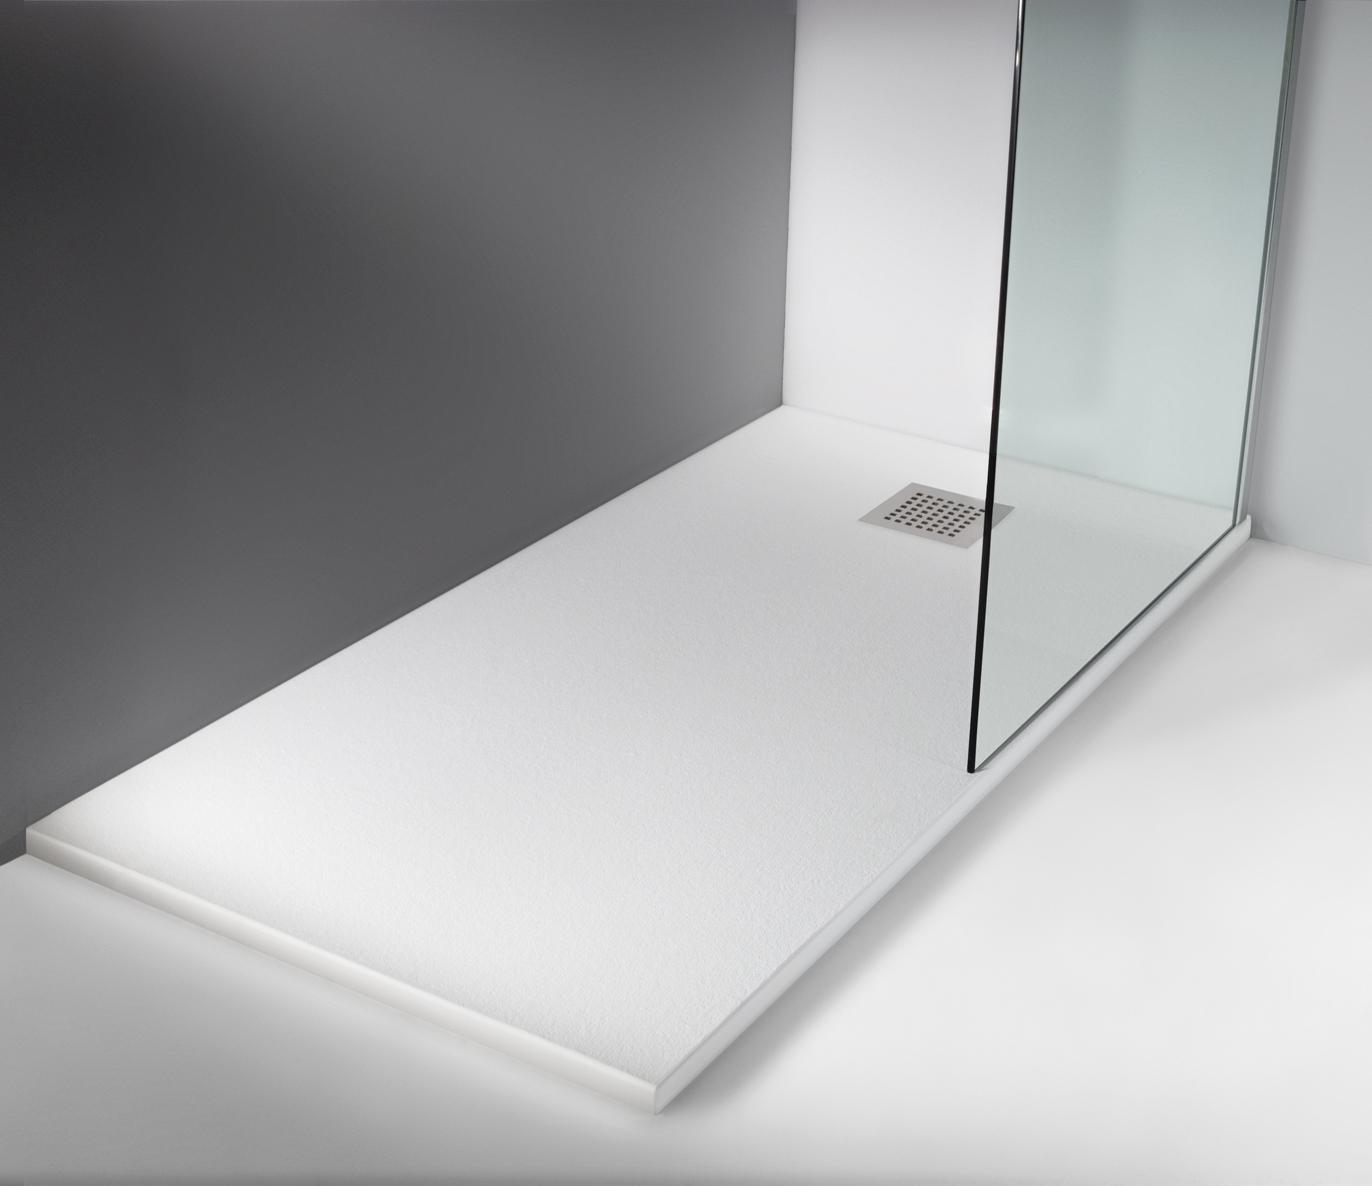 Platos de ducha seguros - Que plato de ducha es mejor ...